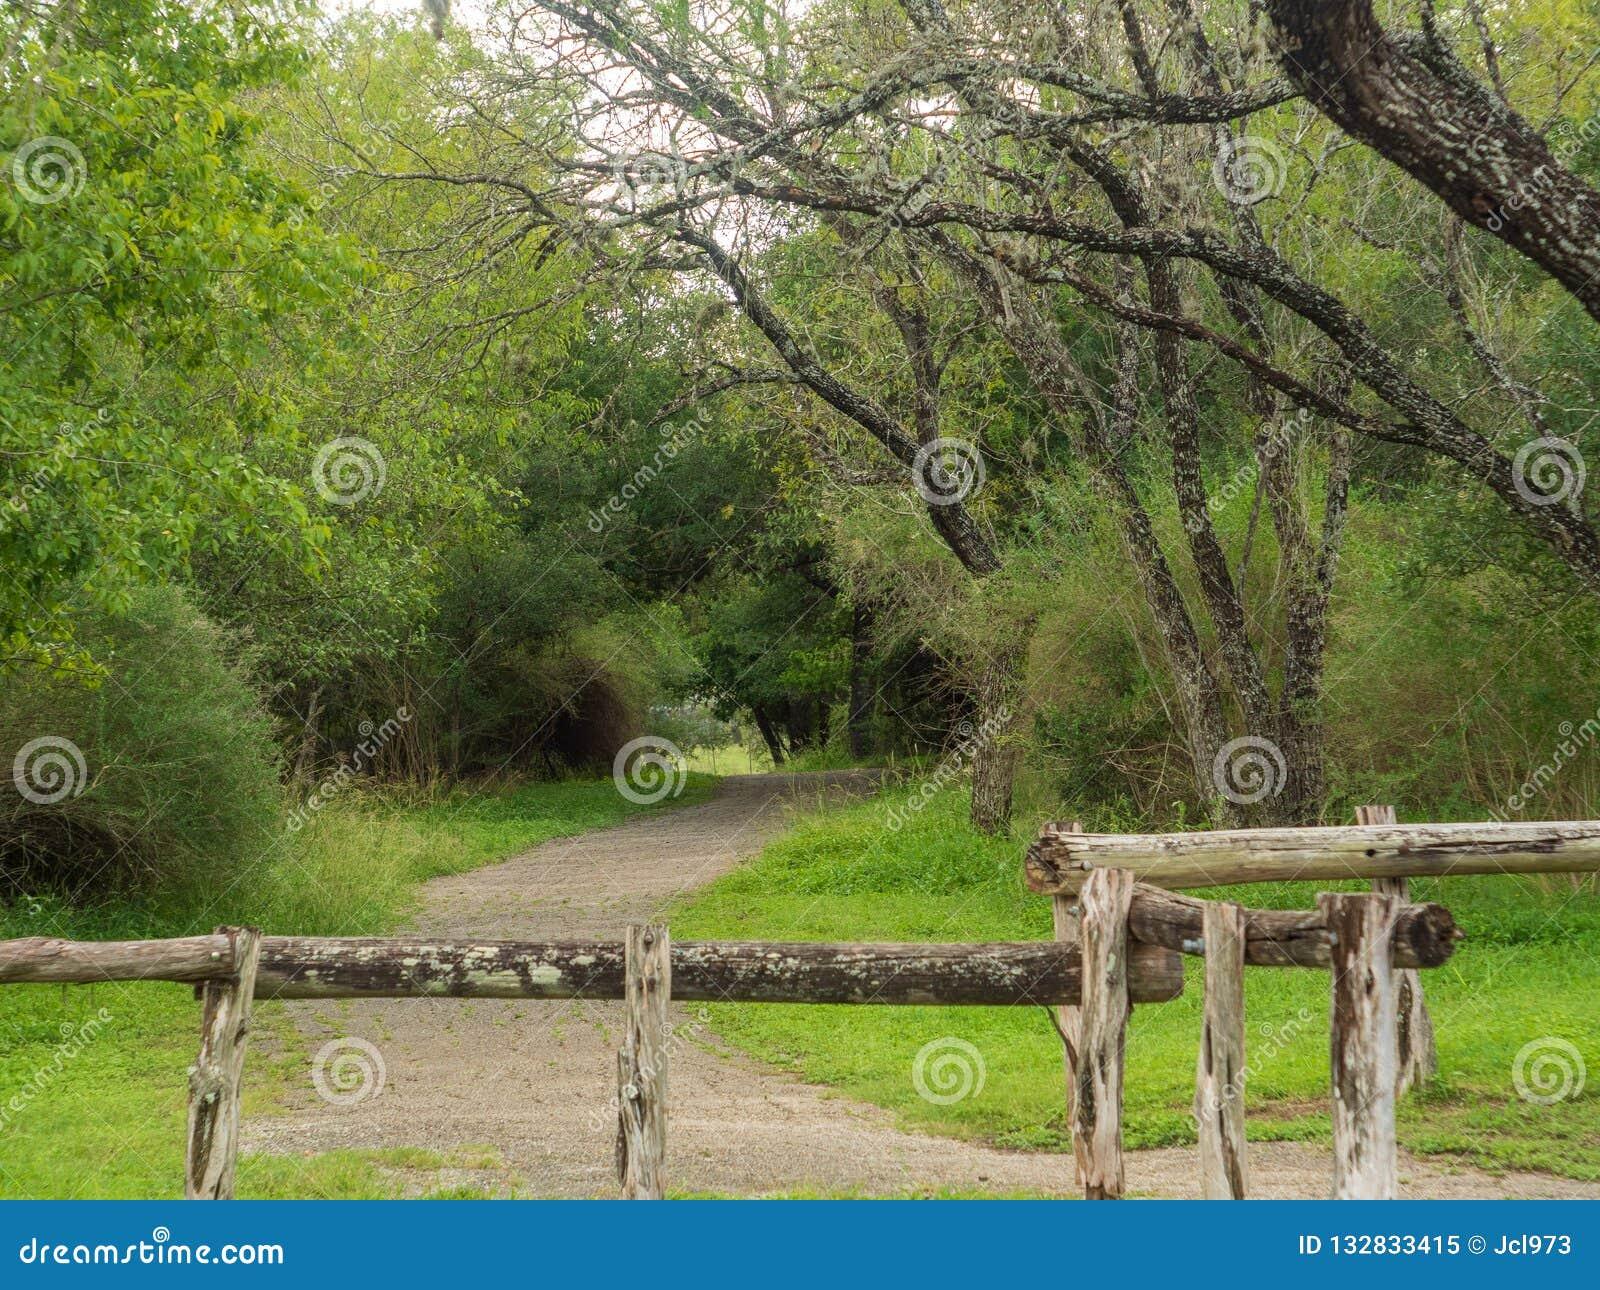 走的足迹在有充满活力的绿色树和植被的安静,平静,平安的森林公园